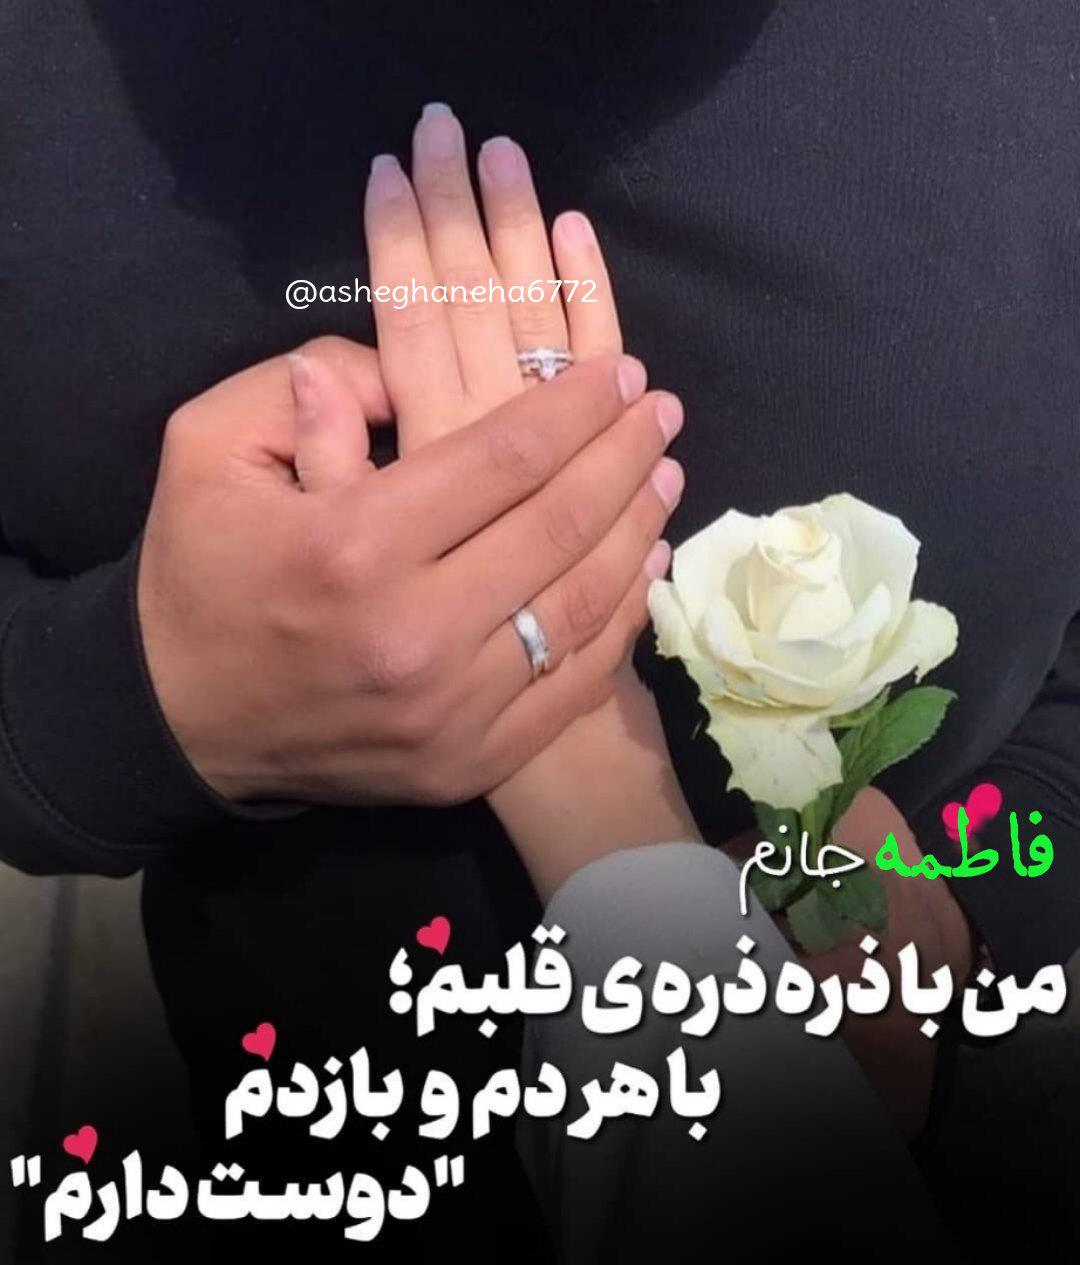 عکس نوشته های عاشقانه برای همسر   عکس عاشقانه همسر